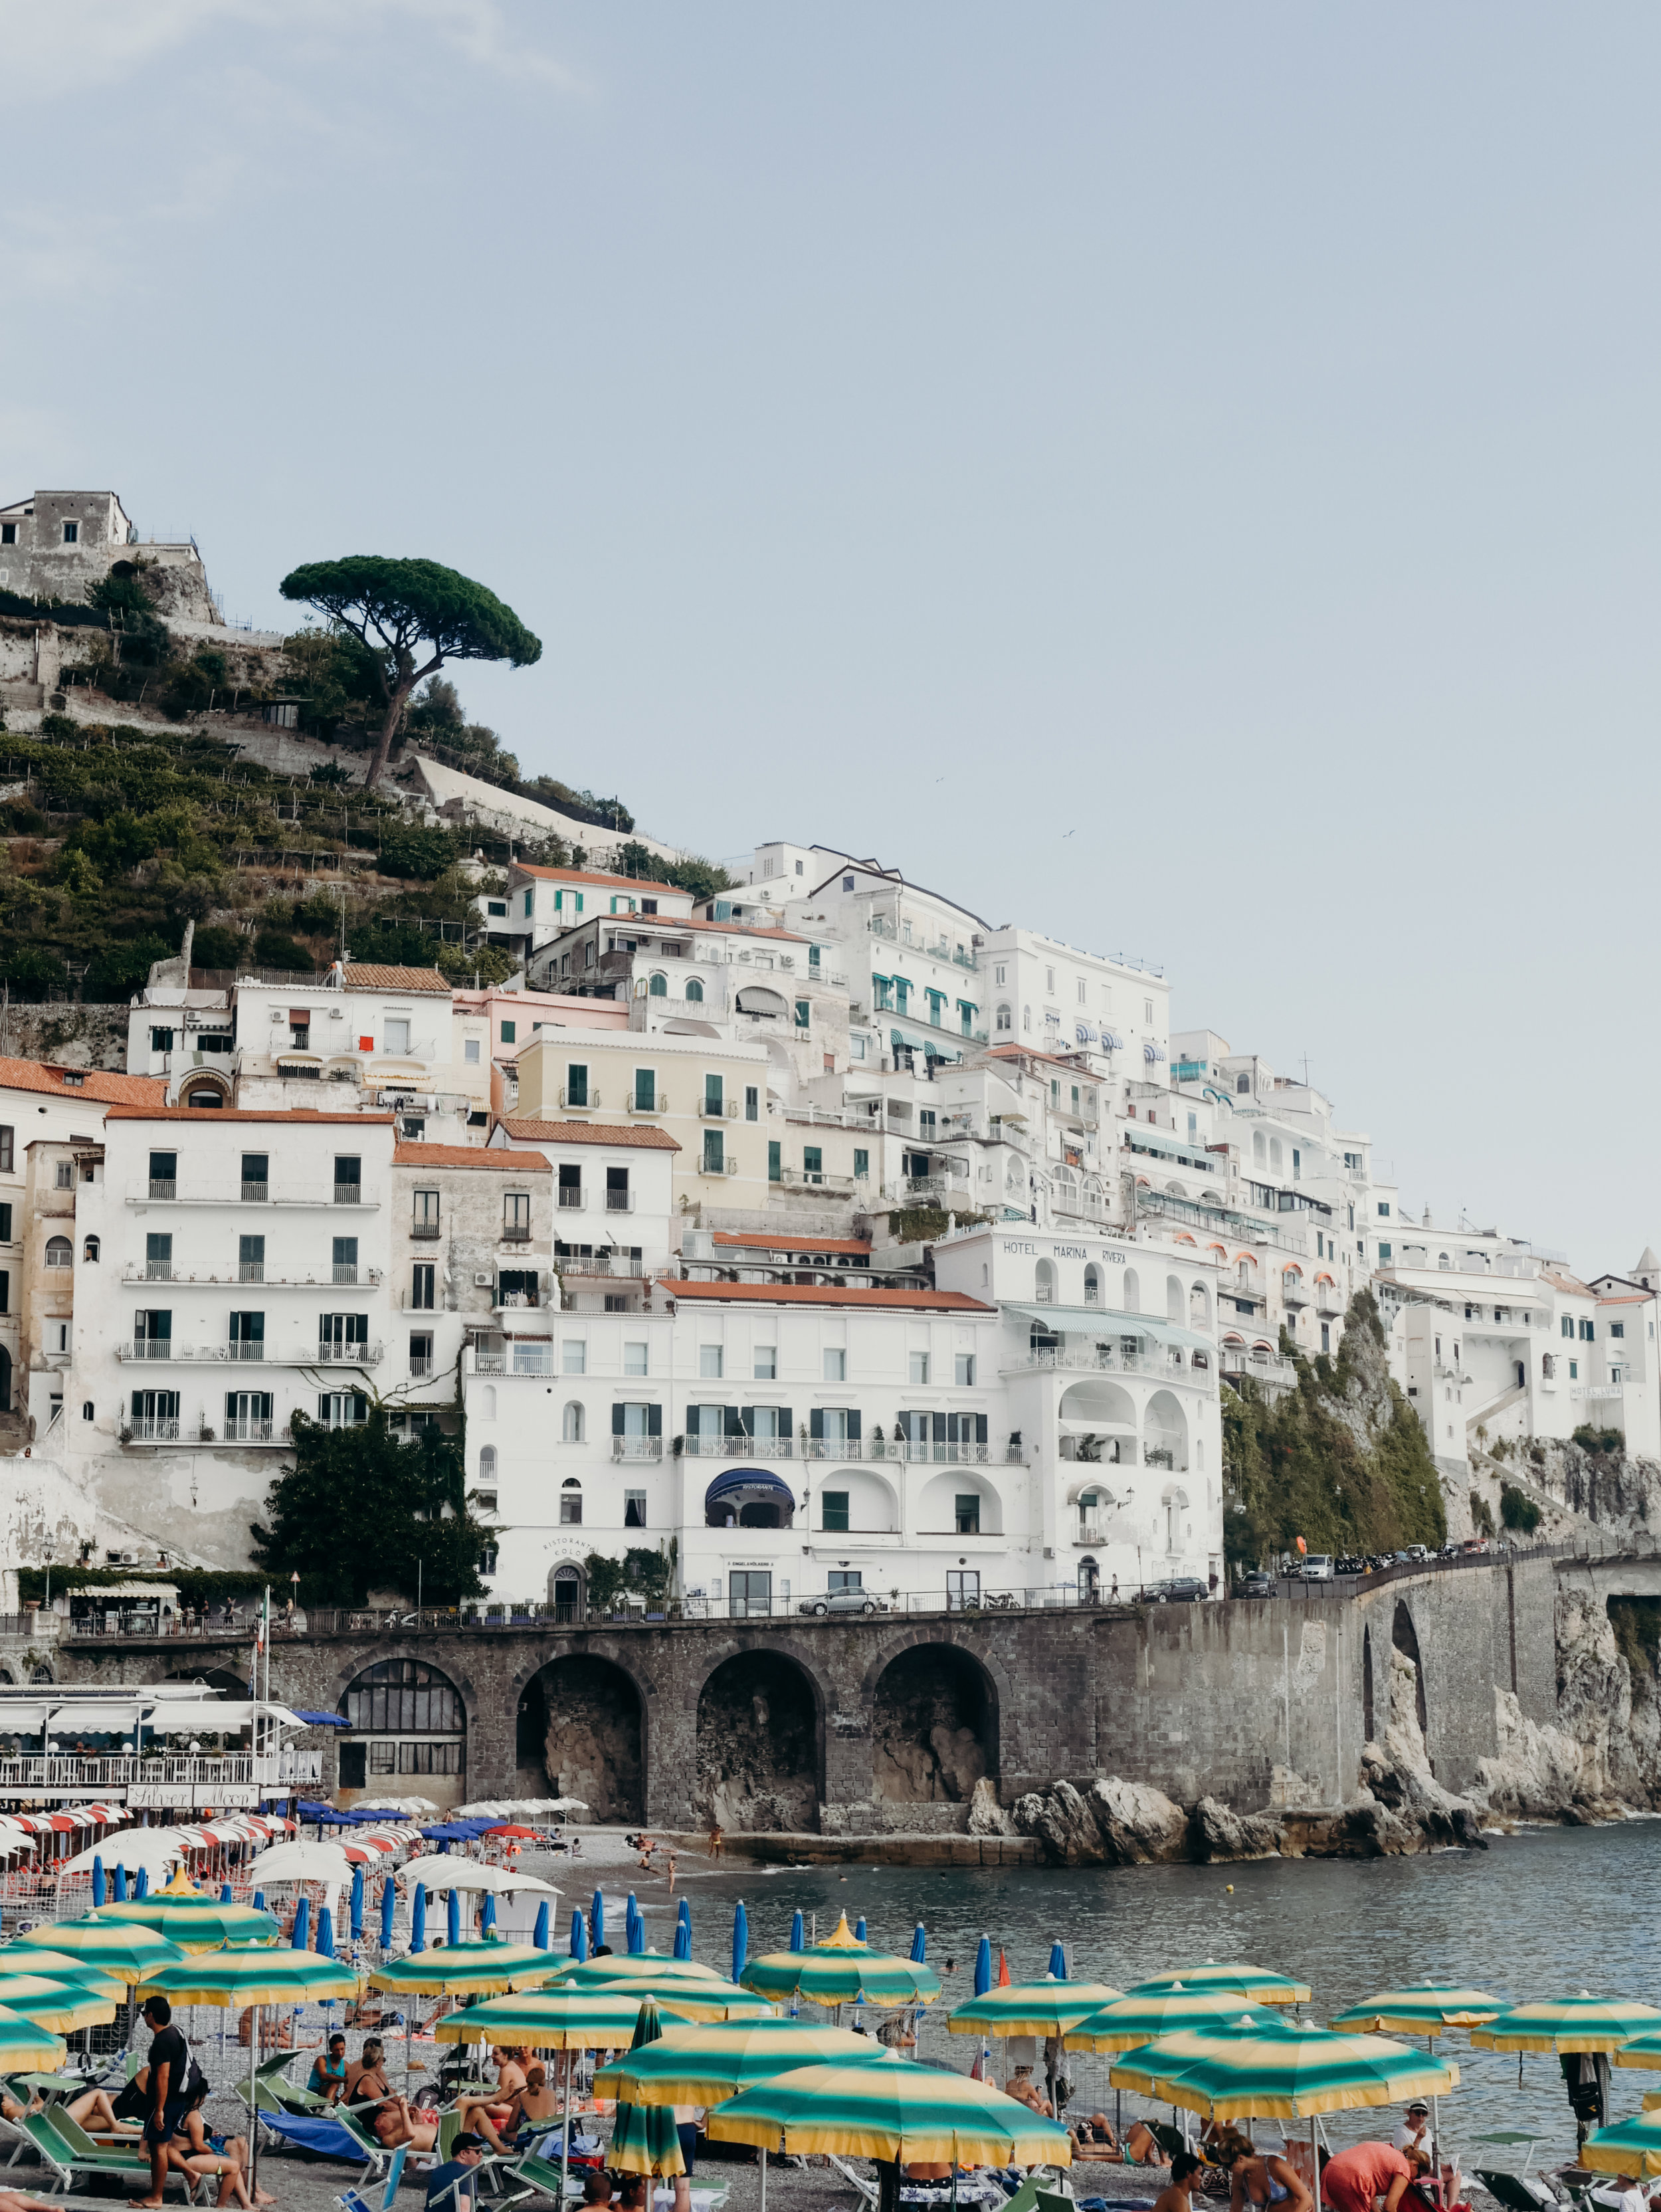 Amalfi Coast Boat Tour - Amalfi